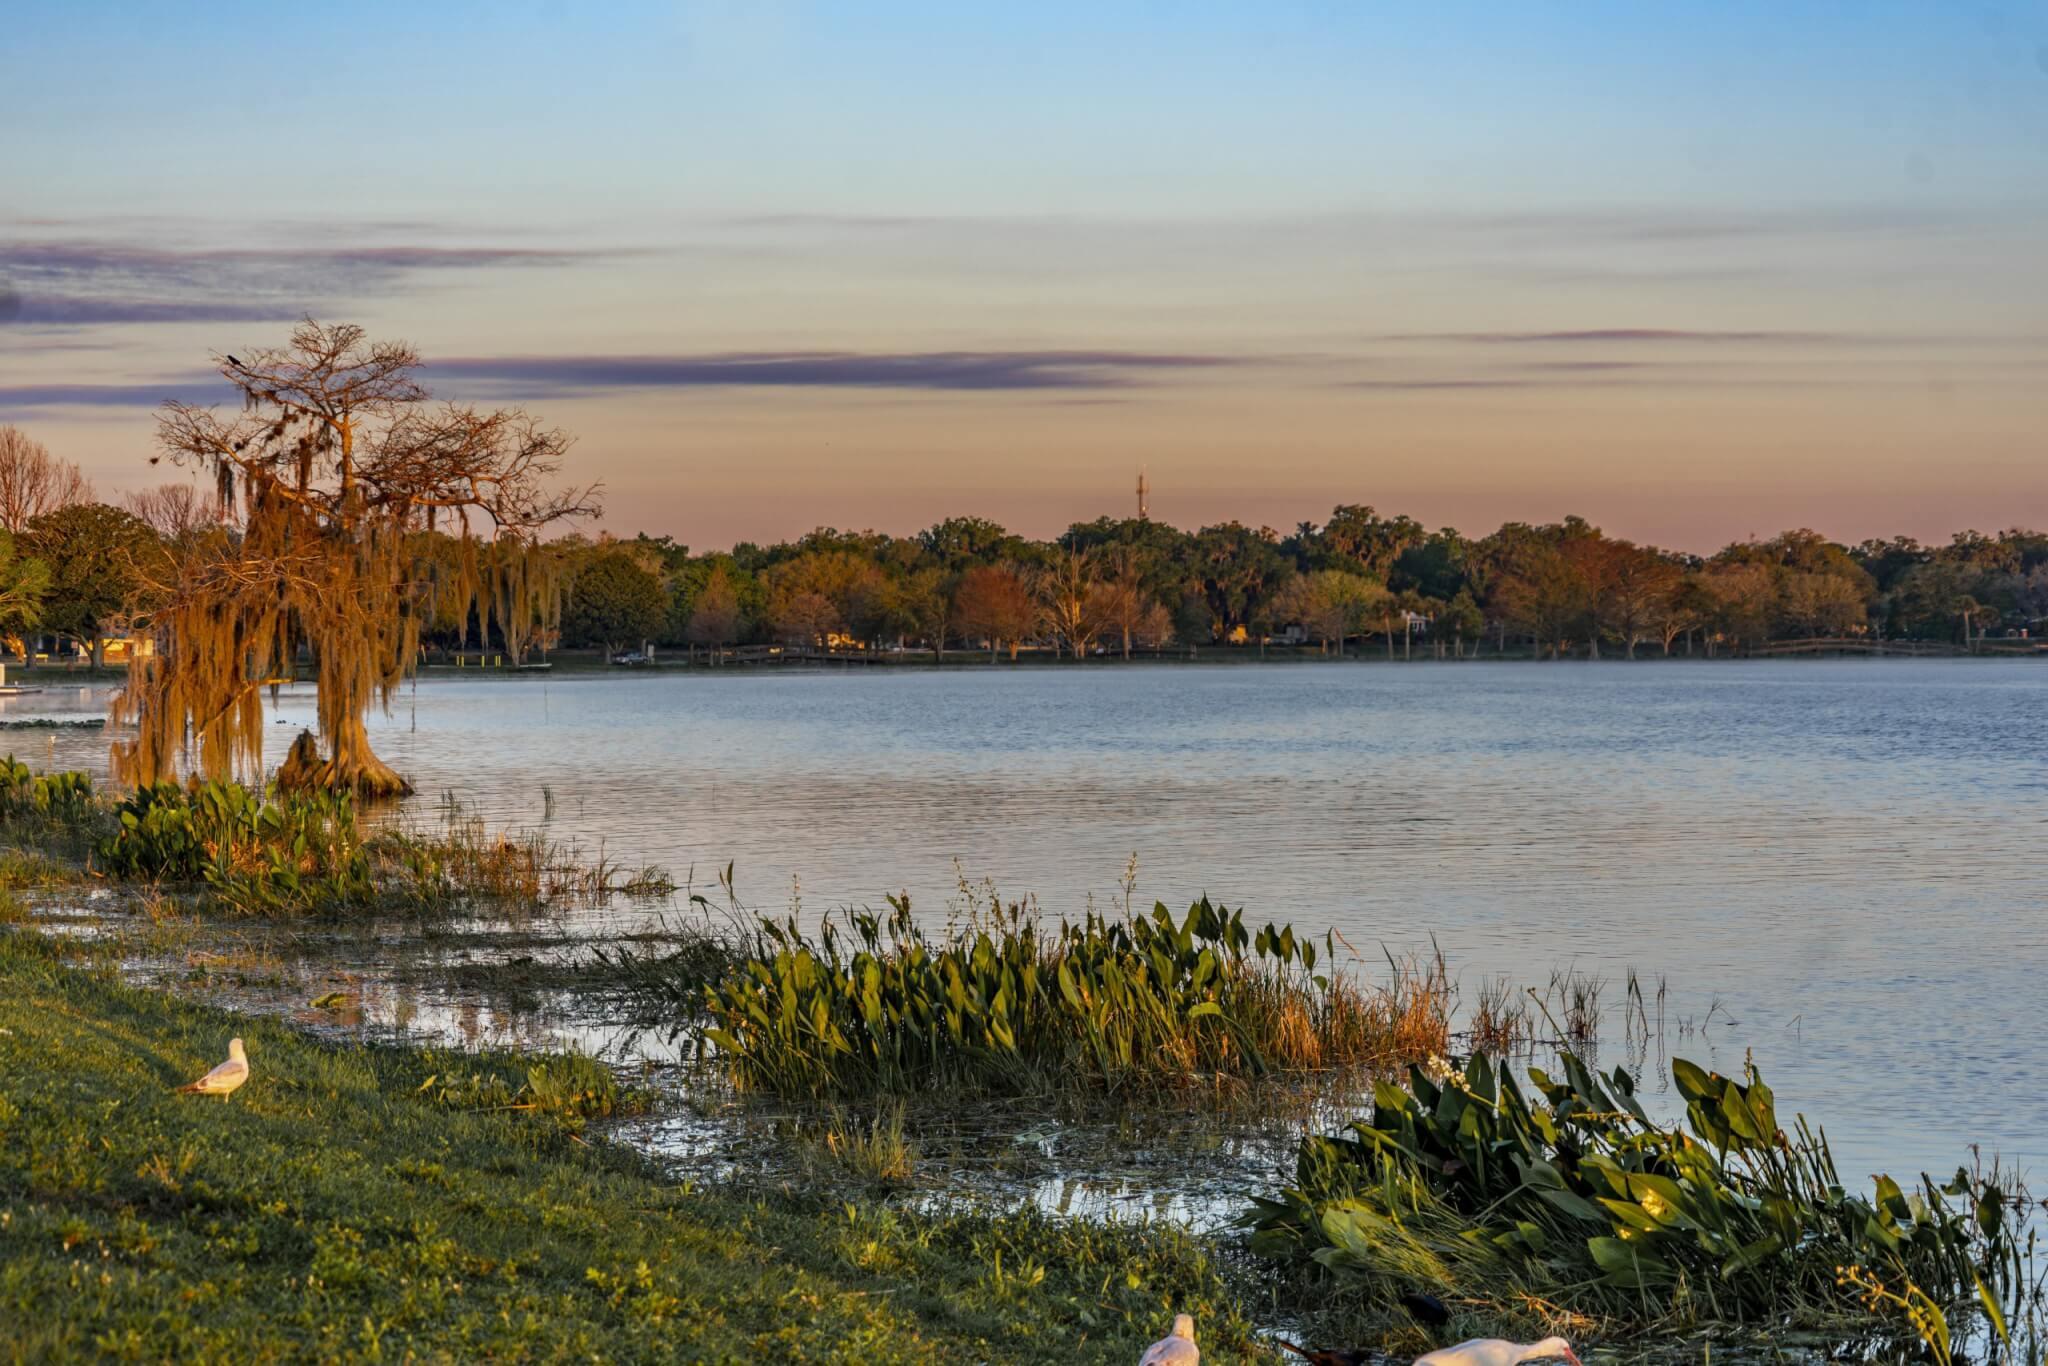 View of Lake Harris from Venetian Gardens in Leesburg.